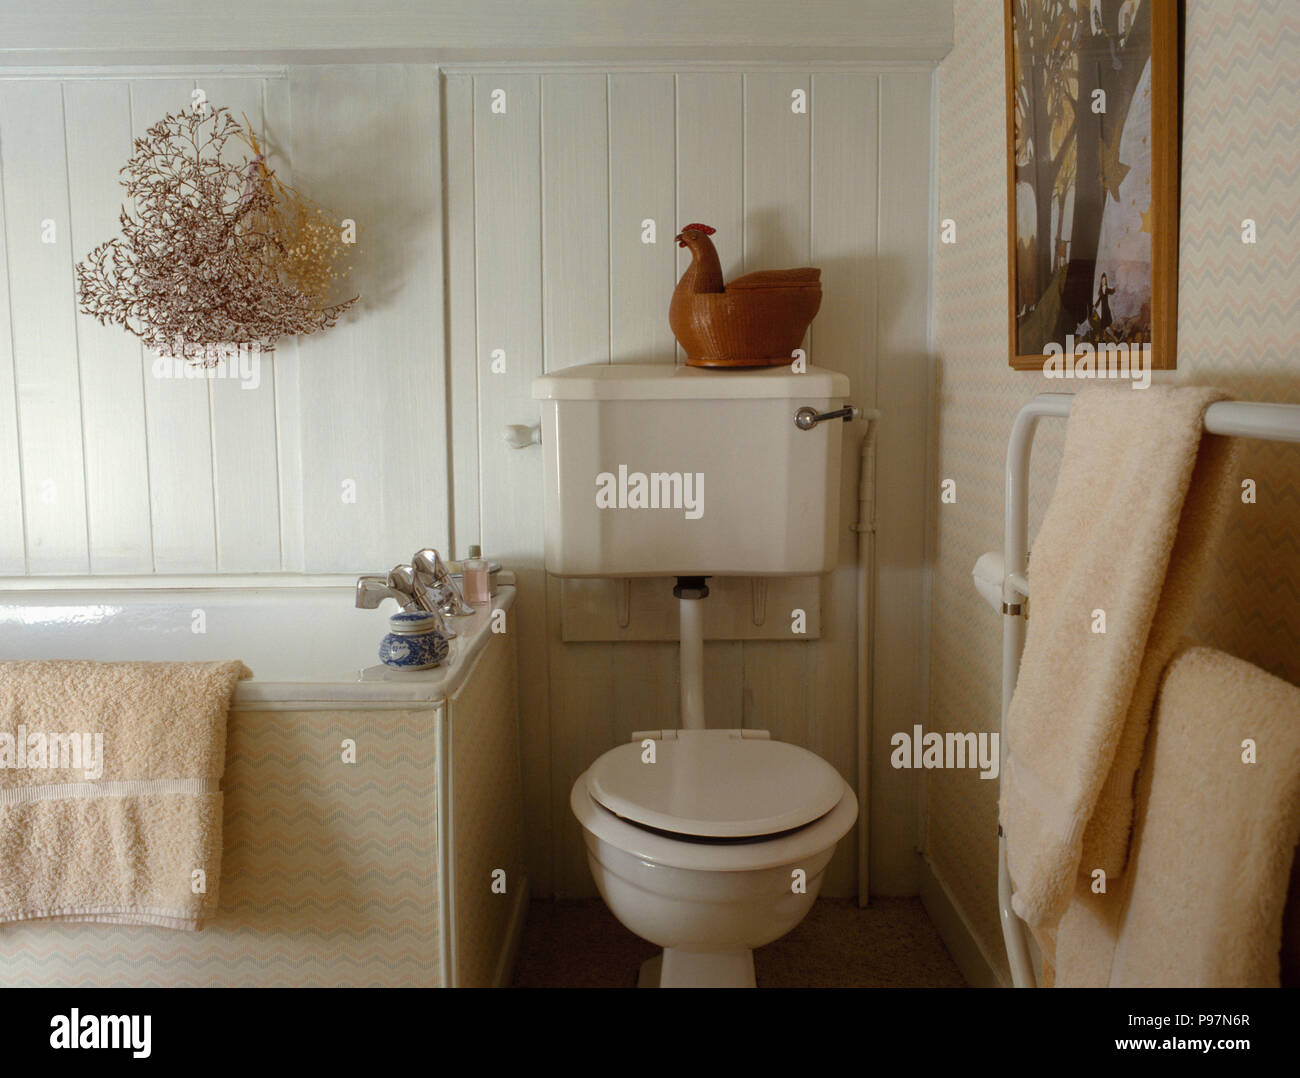 Toilette Da Bagno : Ornamento di pollo sulla toilette beige in bianco con pannelli